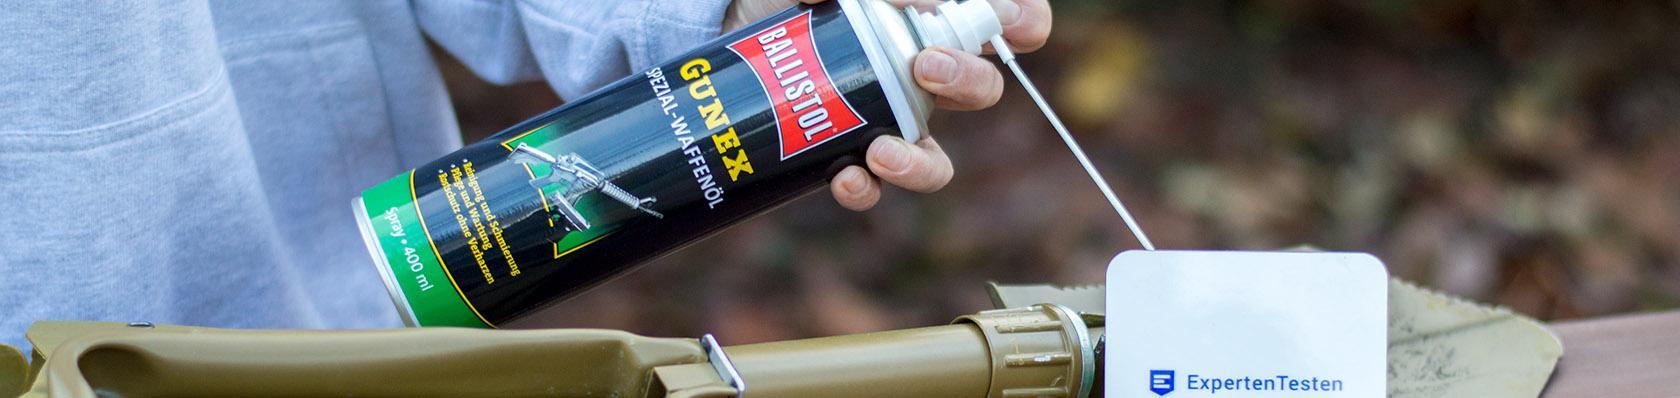 Waffenöle im Test auf ExpertenTesten.de